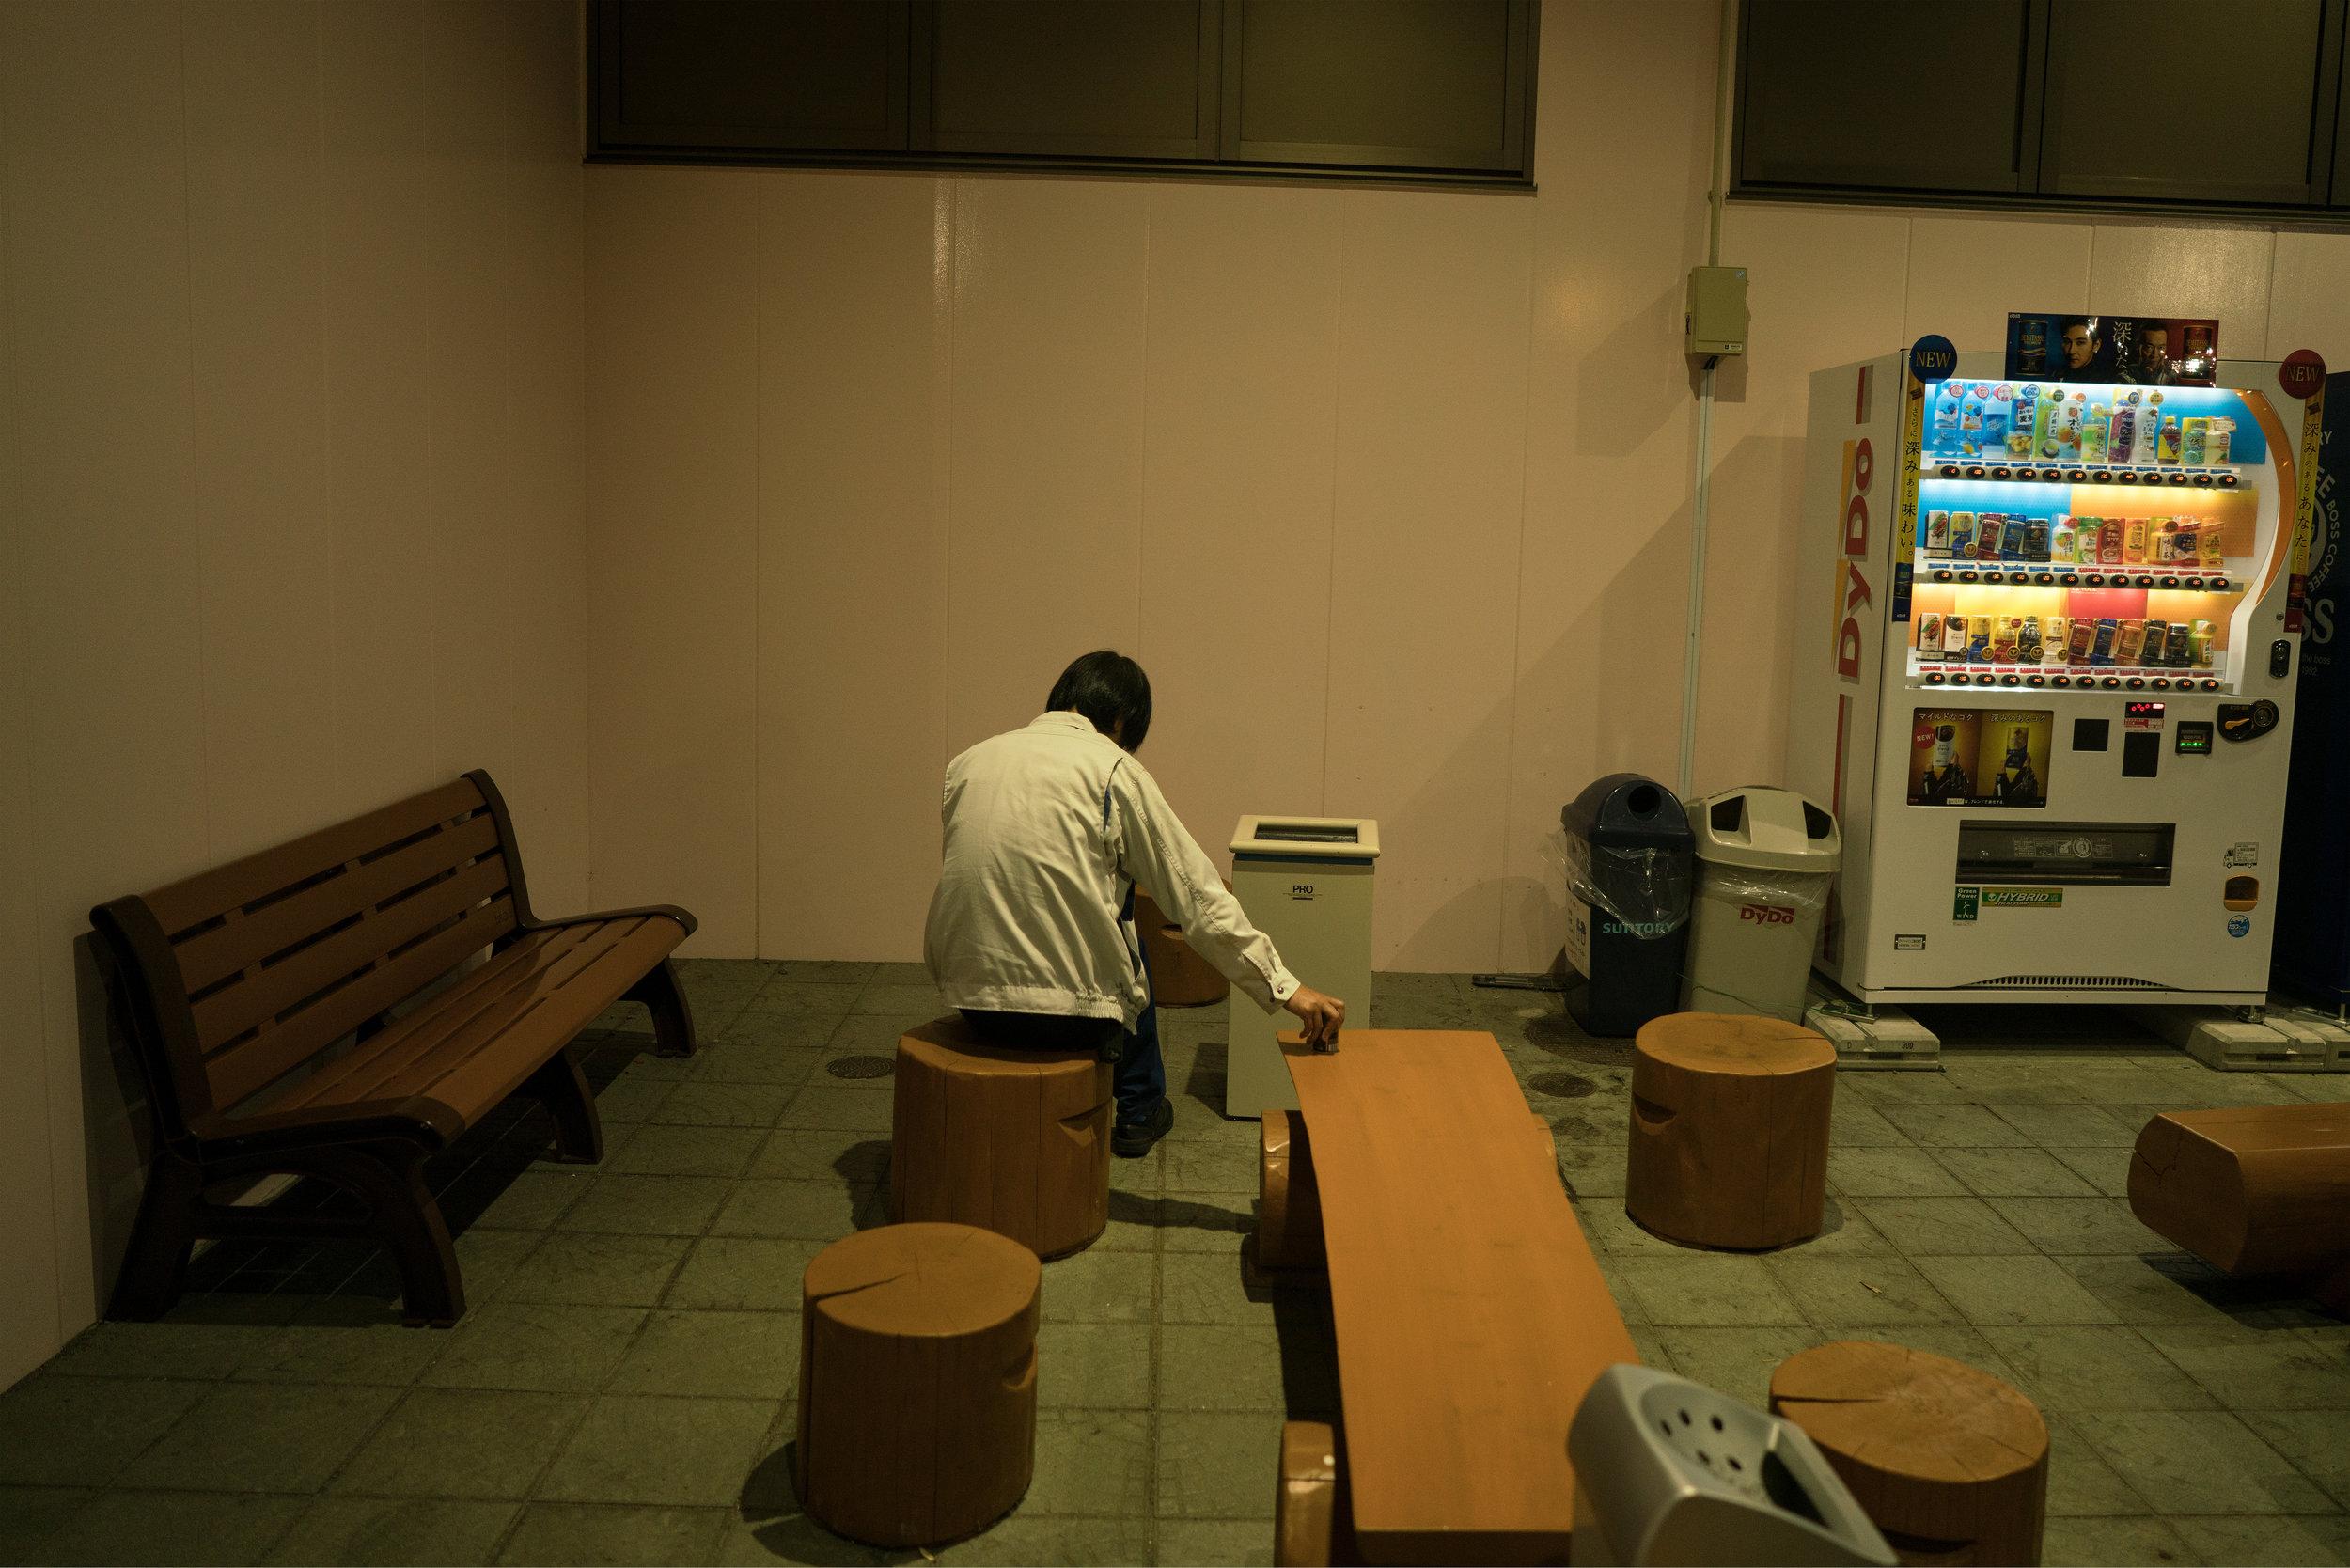 声高に 東電にいるとは 言えねども 母は見てるよ 昼夜働く君をunable to proclaim thatyou work for Tokyo Electric–yet I, your mother,am watching you and I knowhow hard you work day and night - 鈴木 陽子 (東京都 2011年8月) Yoko Suzuki, Tokyo August 2011